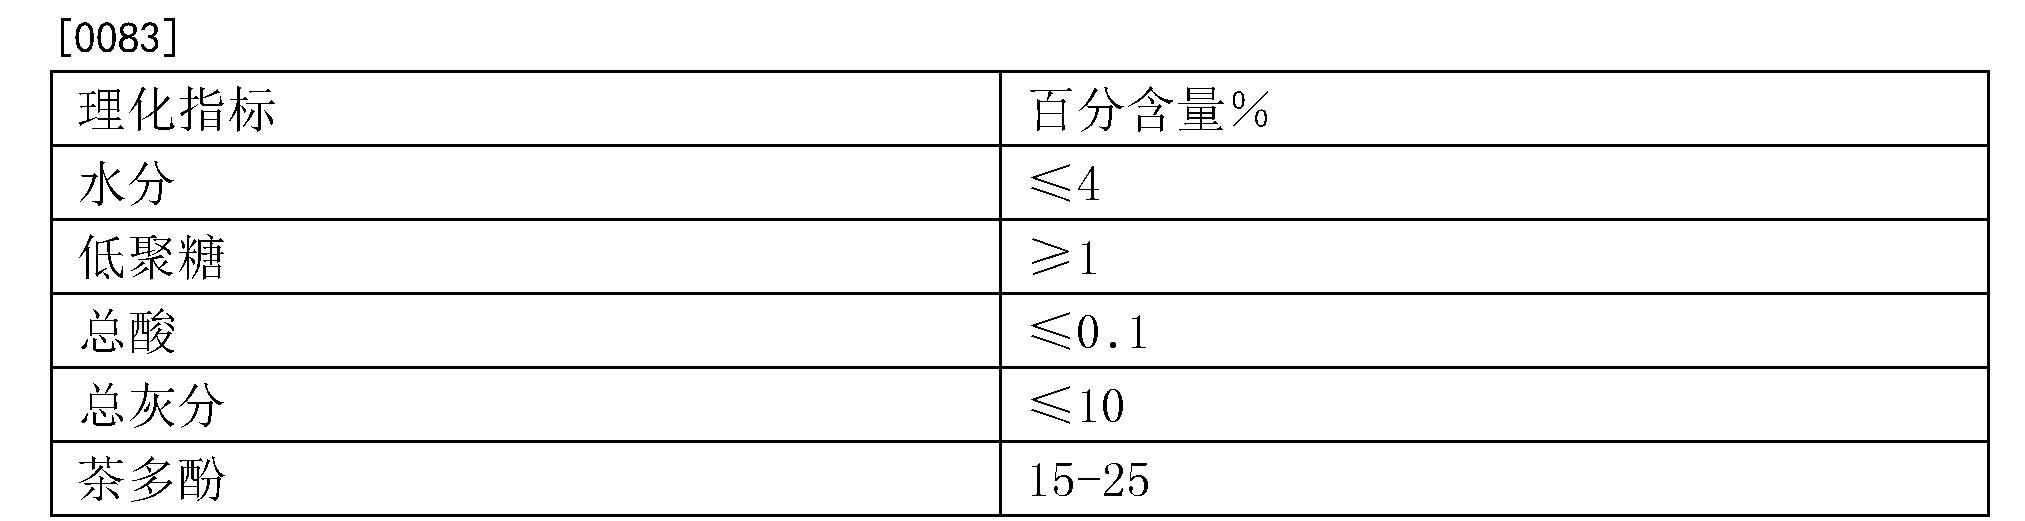 Figure CN104351383BD00102